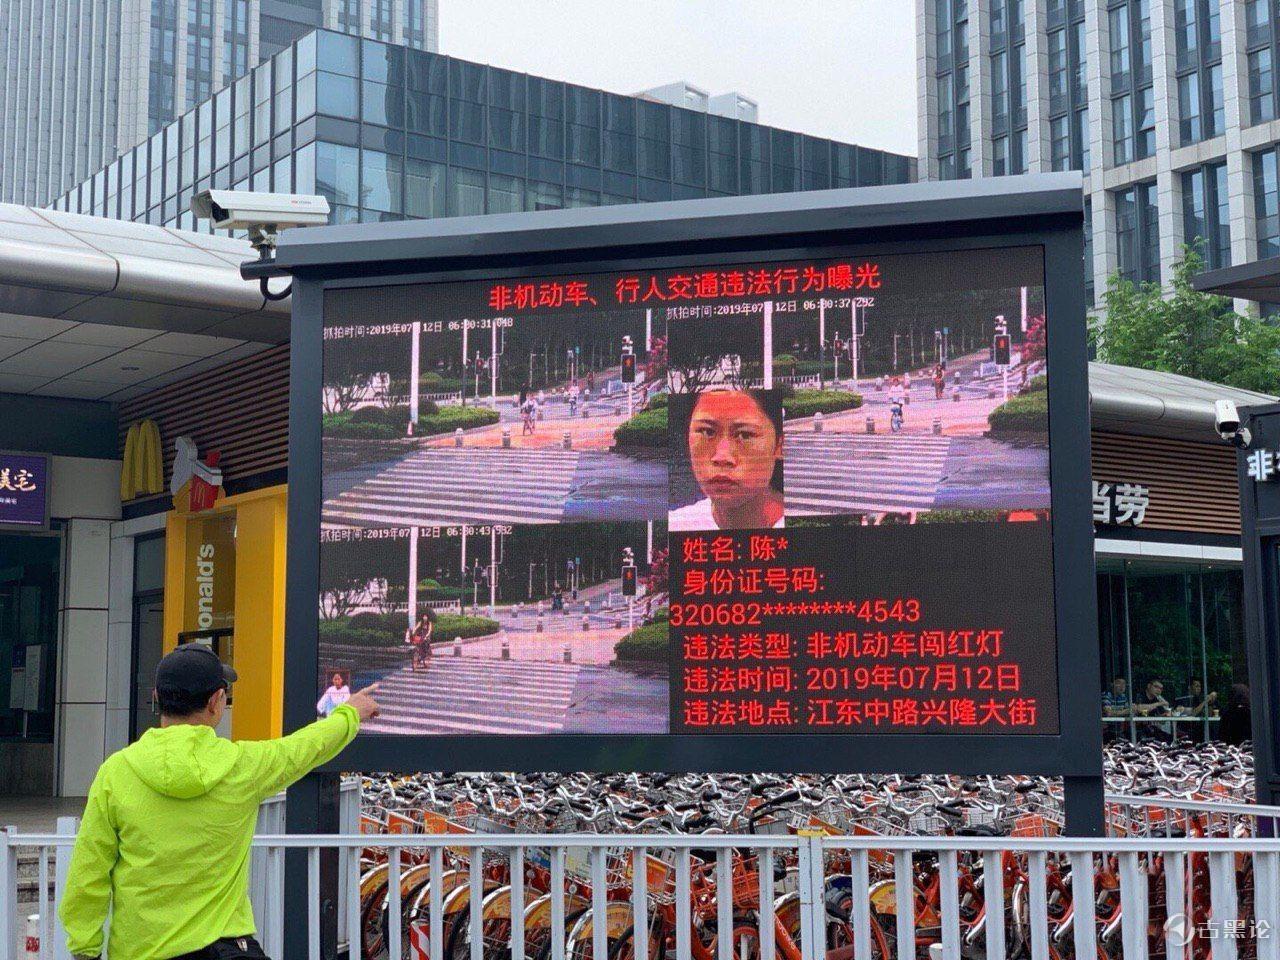 看看国内的人脸识别有多厉害 photo_2019-07-12_09-31-12.jpg